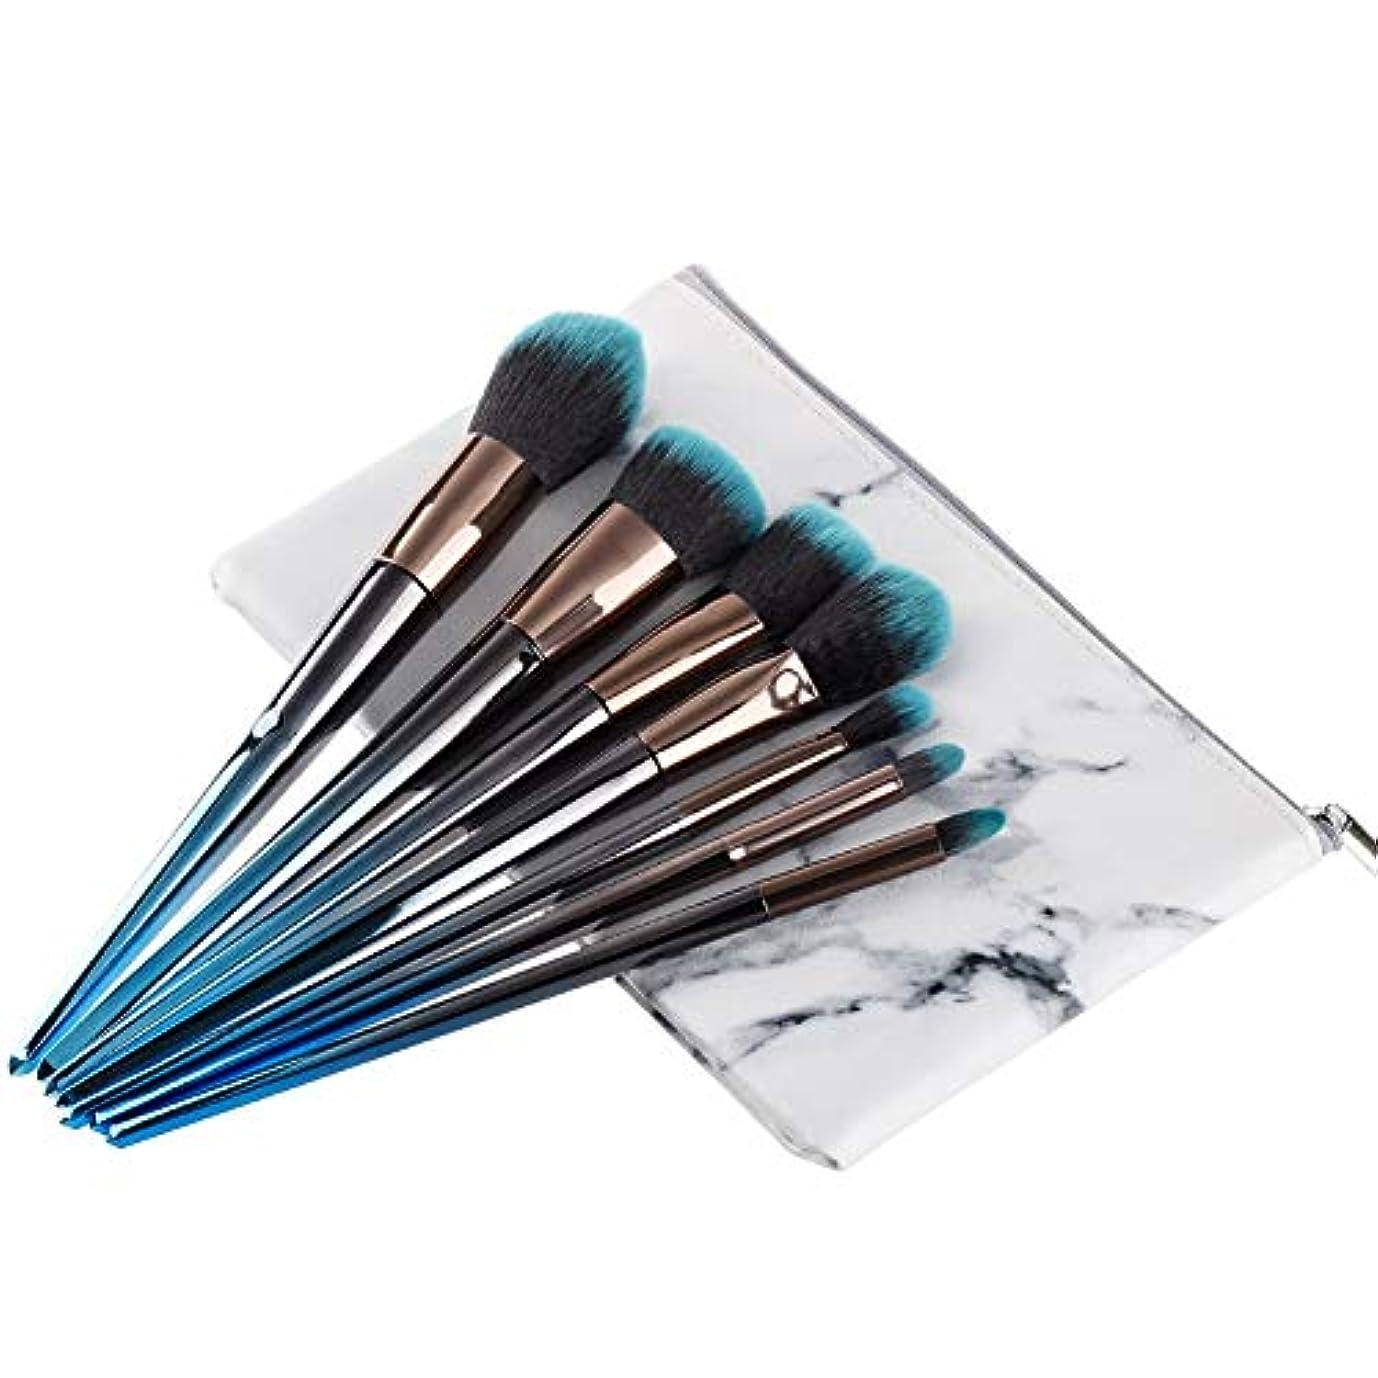 シルクひいきにする外国人AMLIN JO メイクブラシ 7本セット フェイスブラシ 化粧筆 コスメ 高級タクロン 化粧ポーチ付き ブルー